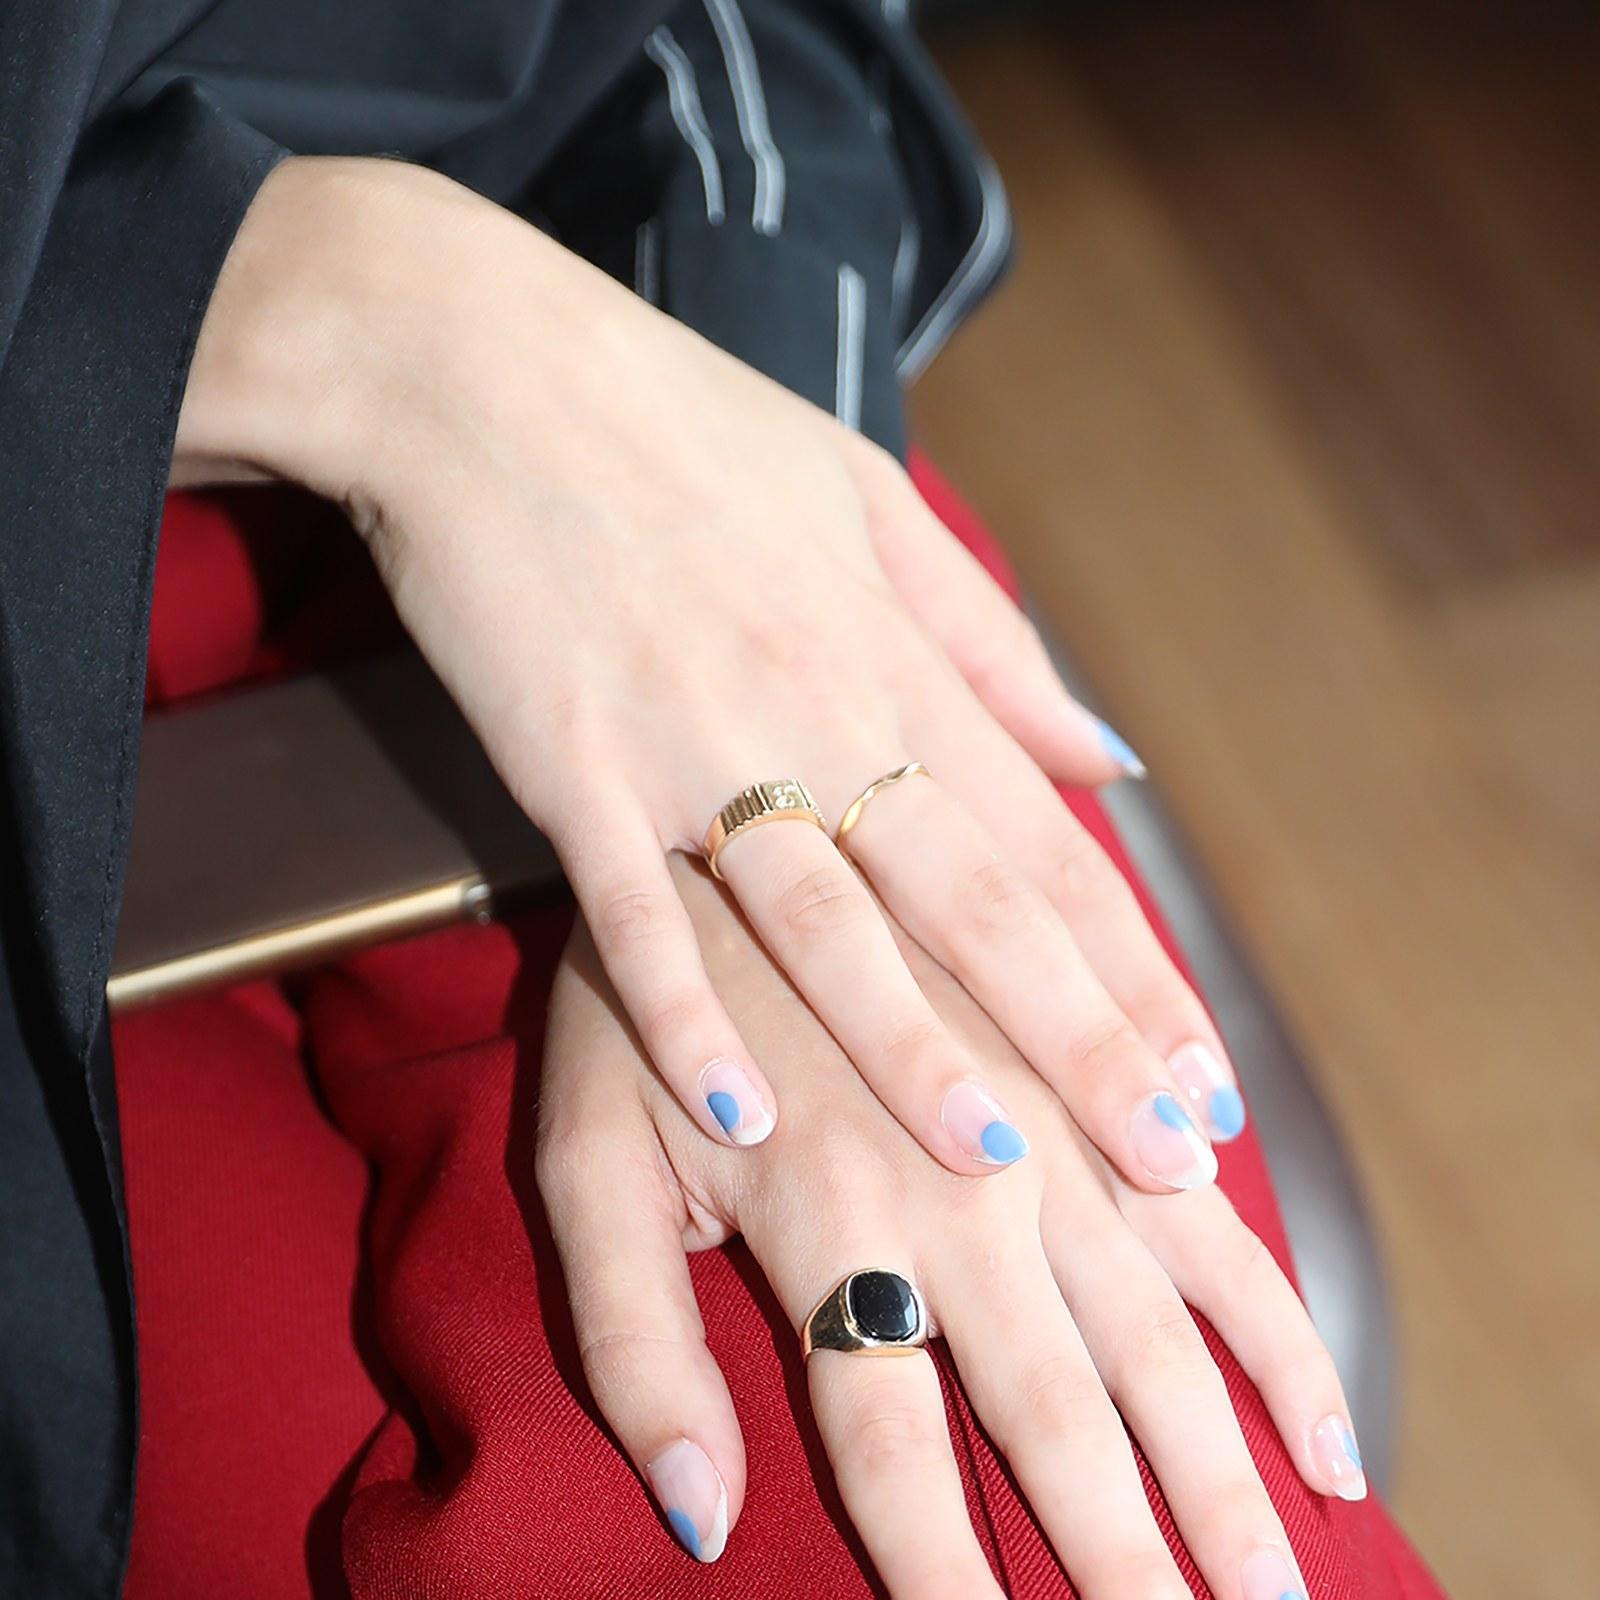 partes de uñas en colore,s figuras geométricas en la manicura, cuáles son las tendencias en uñas para 2020 en imagenes